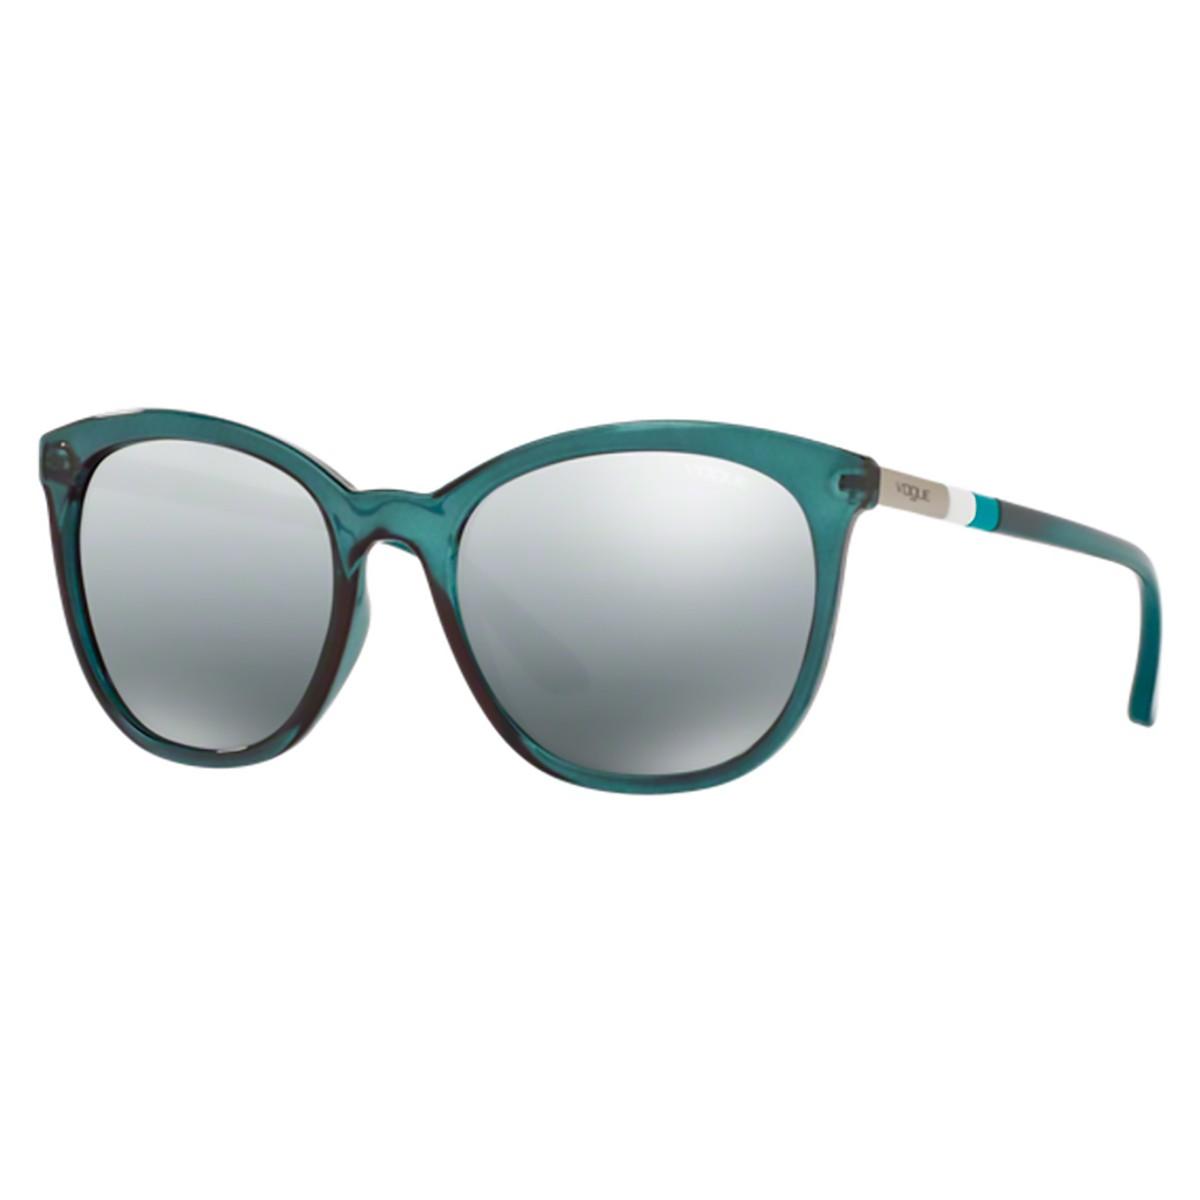 Compre Óculos de Sol Vogue em 10X   Tri-Jóia Shop c5a794b8e5